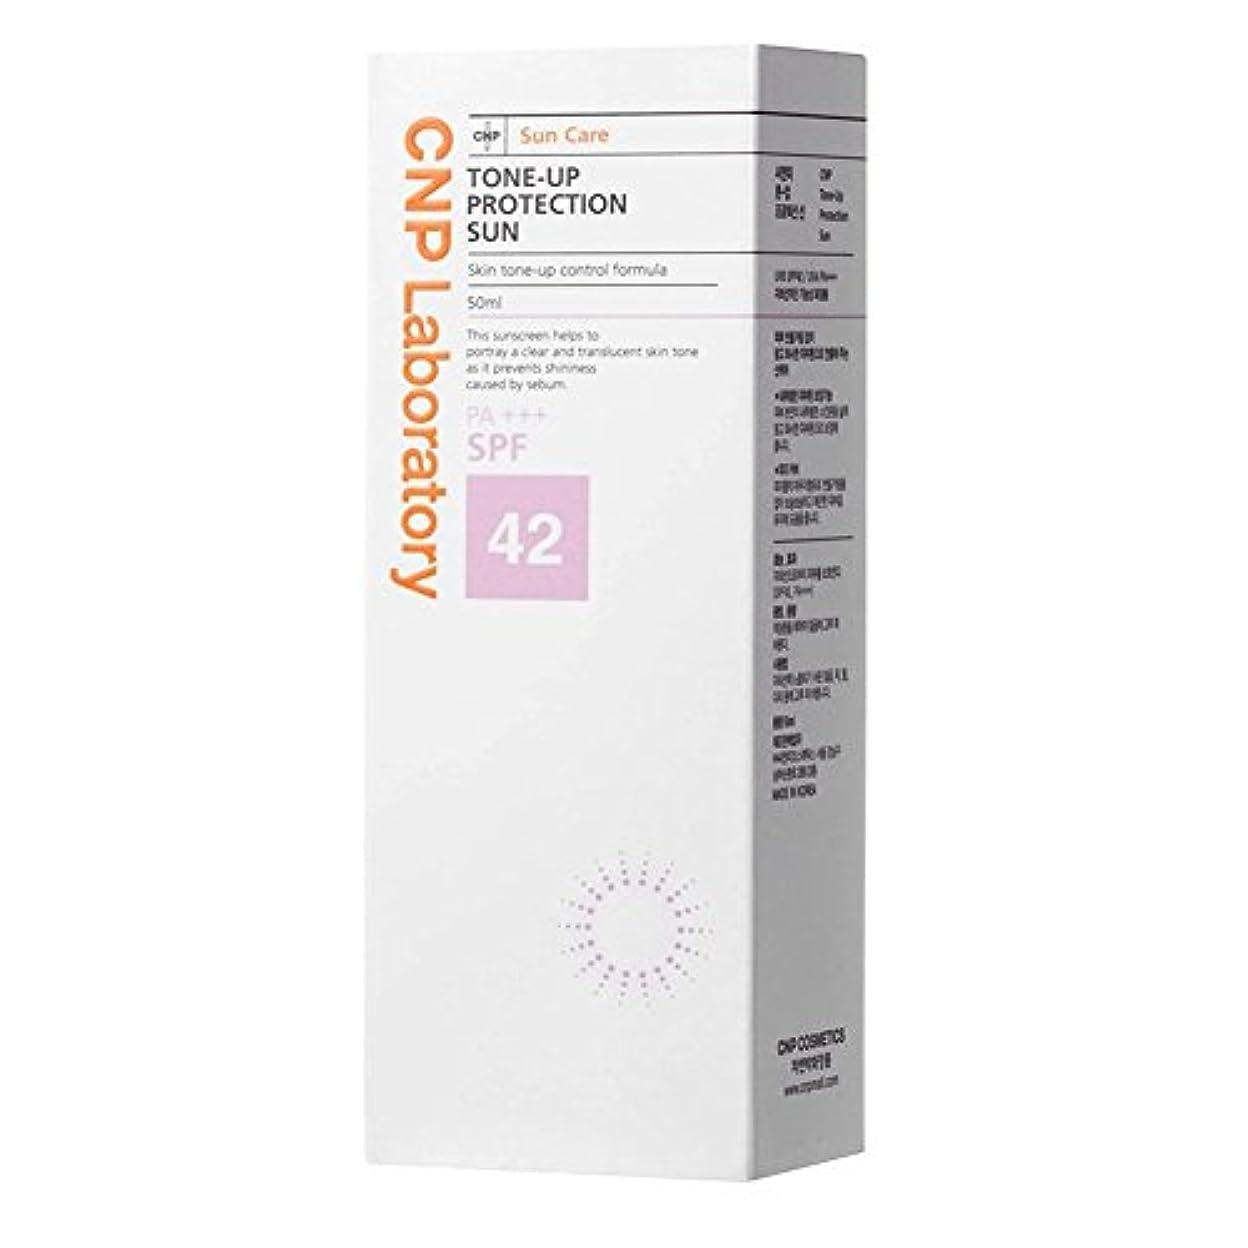 基礎ゆるいペアチャアンドパク(CNP) トンアッププロテクション日焼け止めクリーム 50ml/ CNP Tone-Up Protection Sun 50ml [並行輸入品]